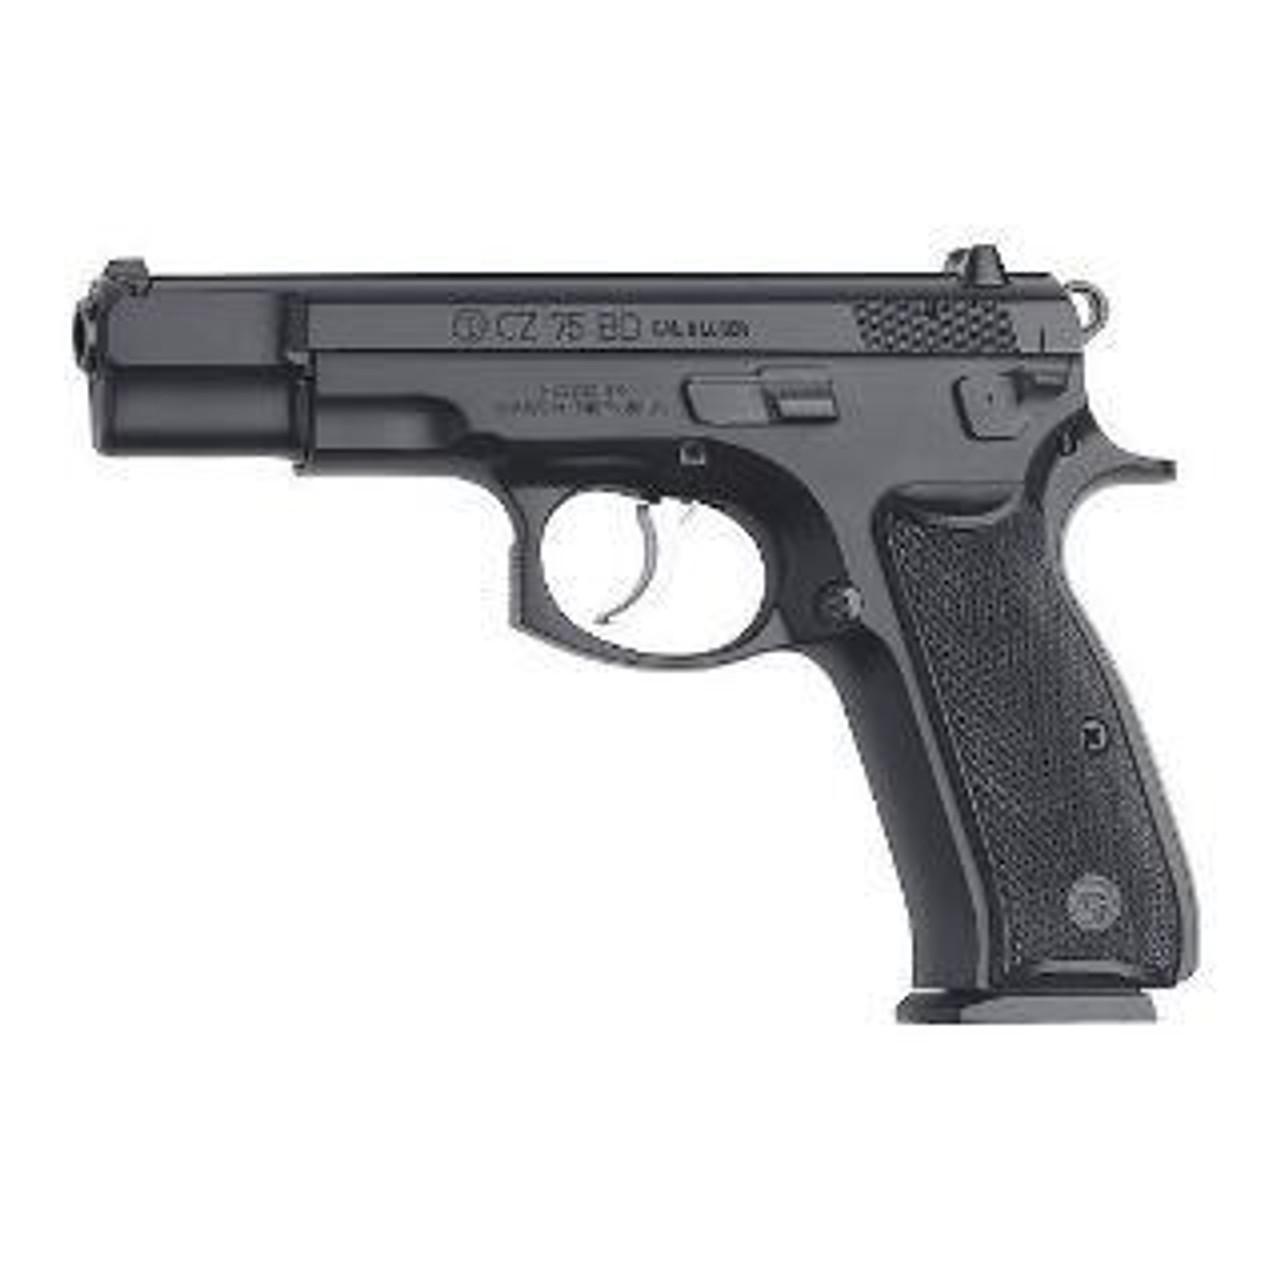 CZ 75 BD 9mm - California Legal